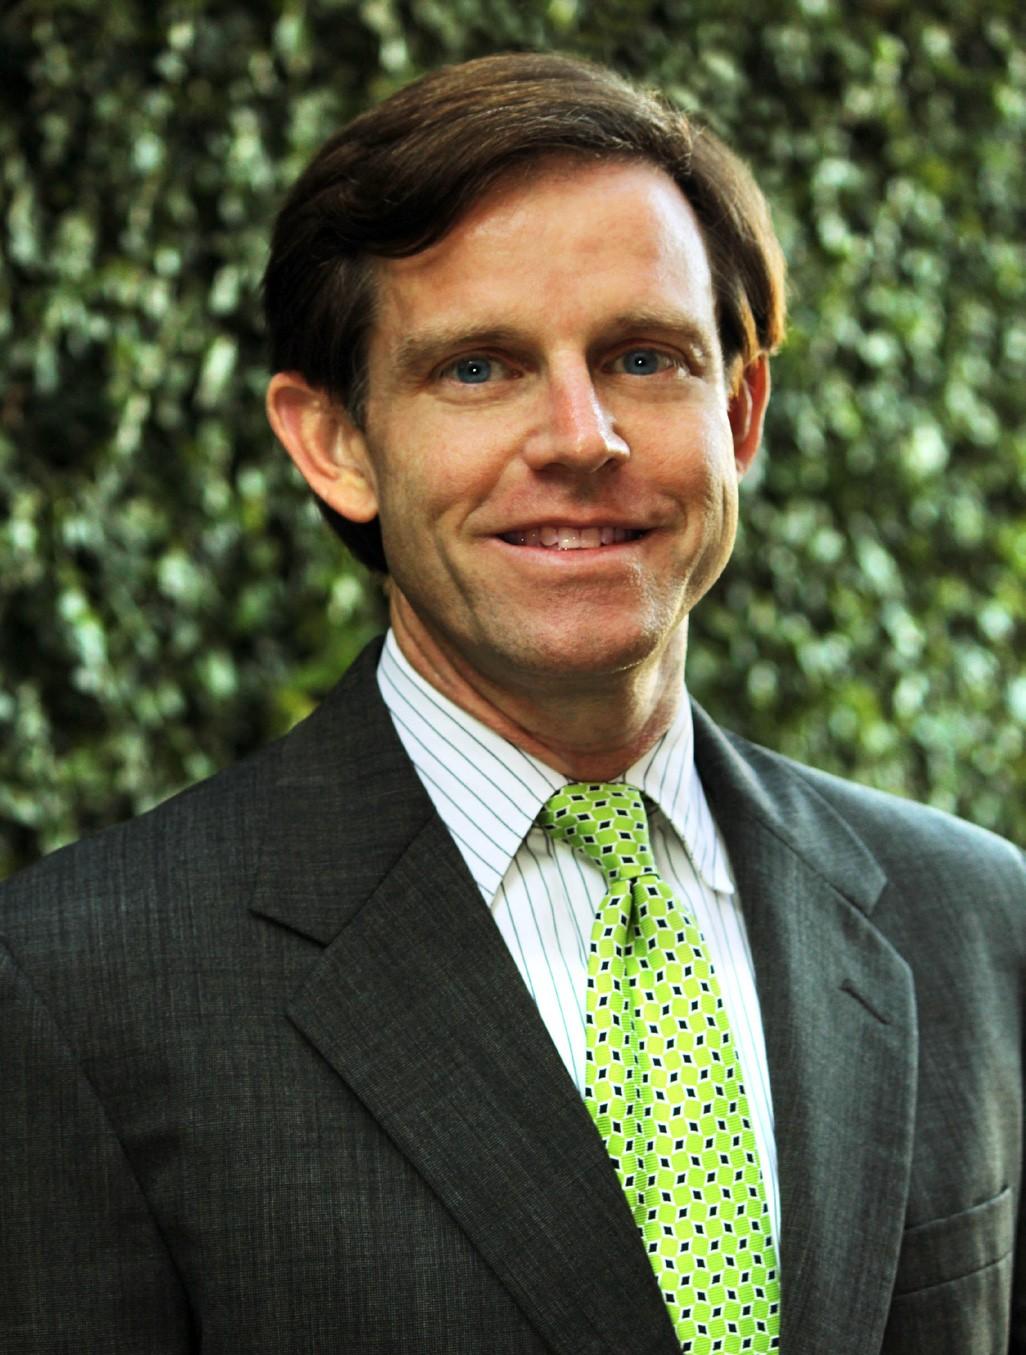 Samuel G. McCachern